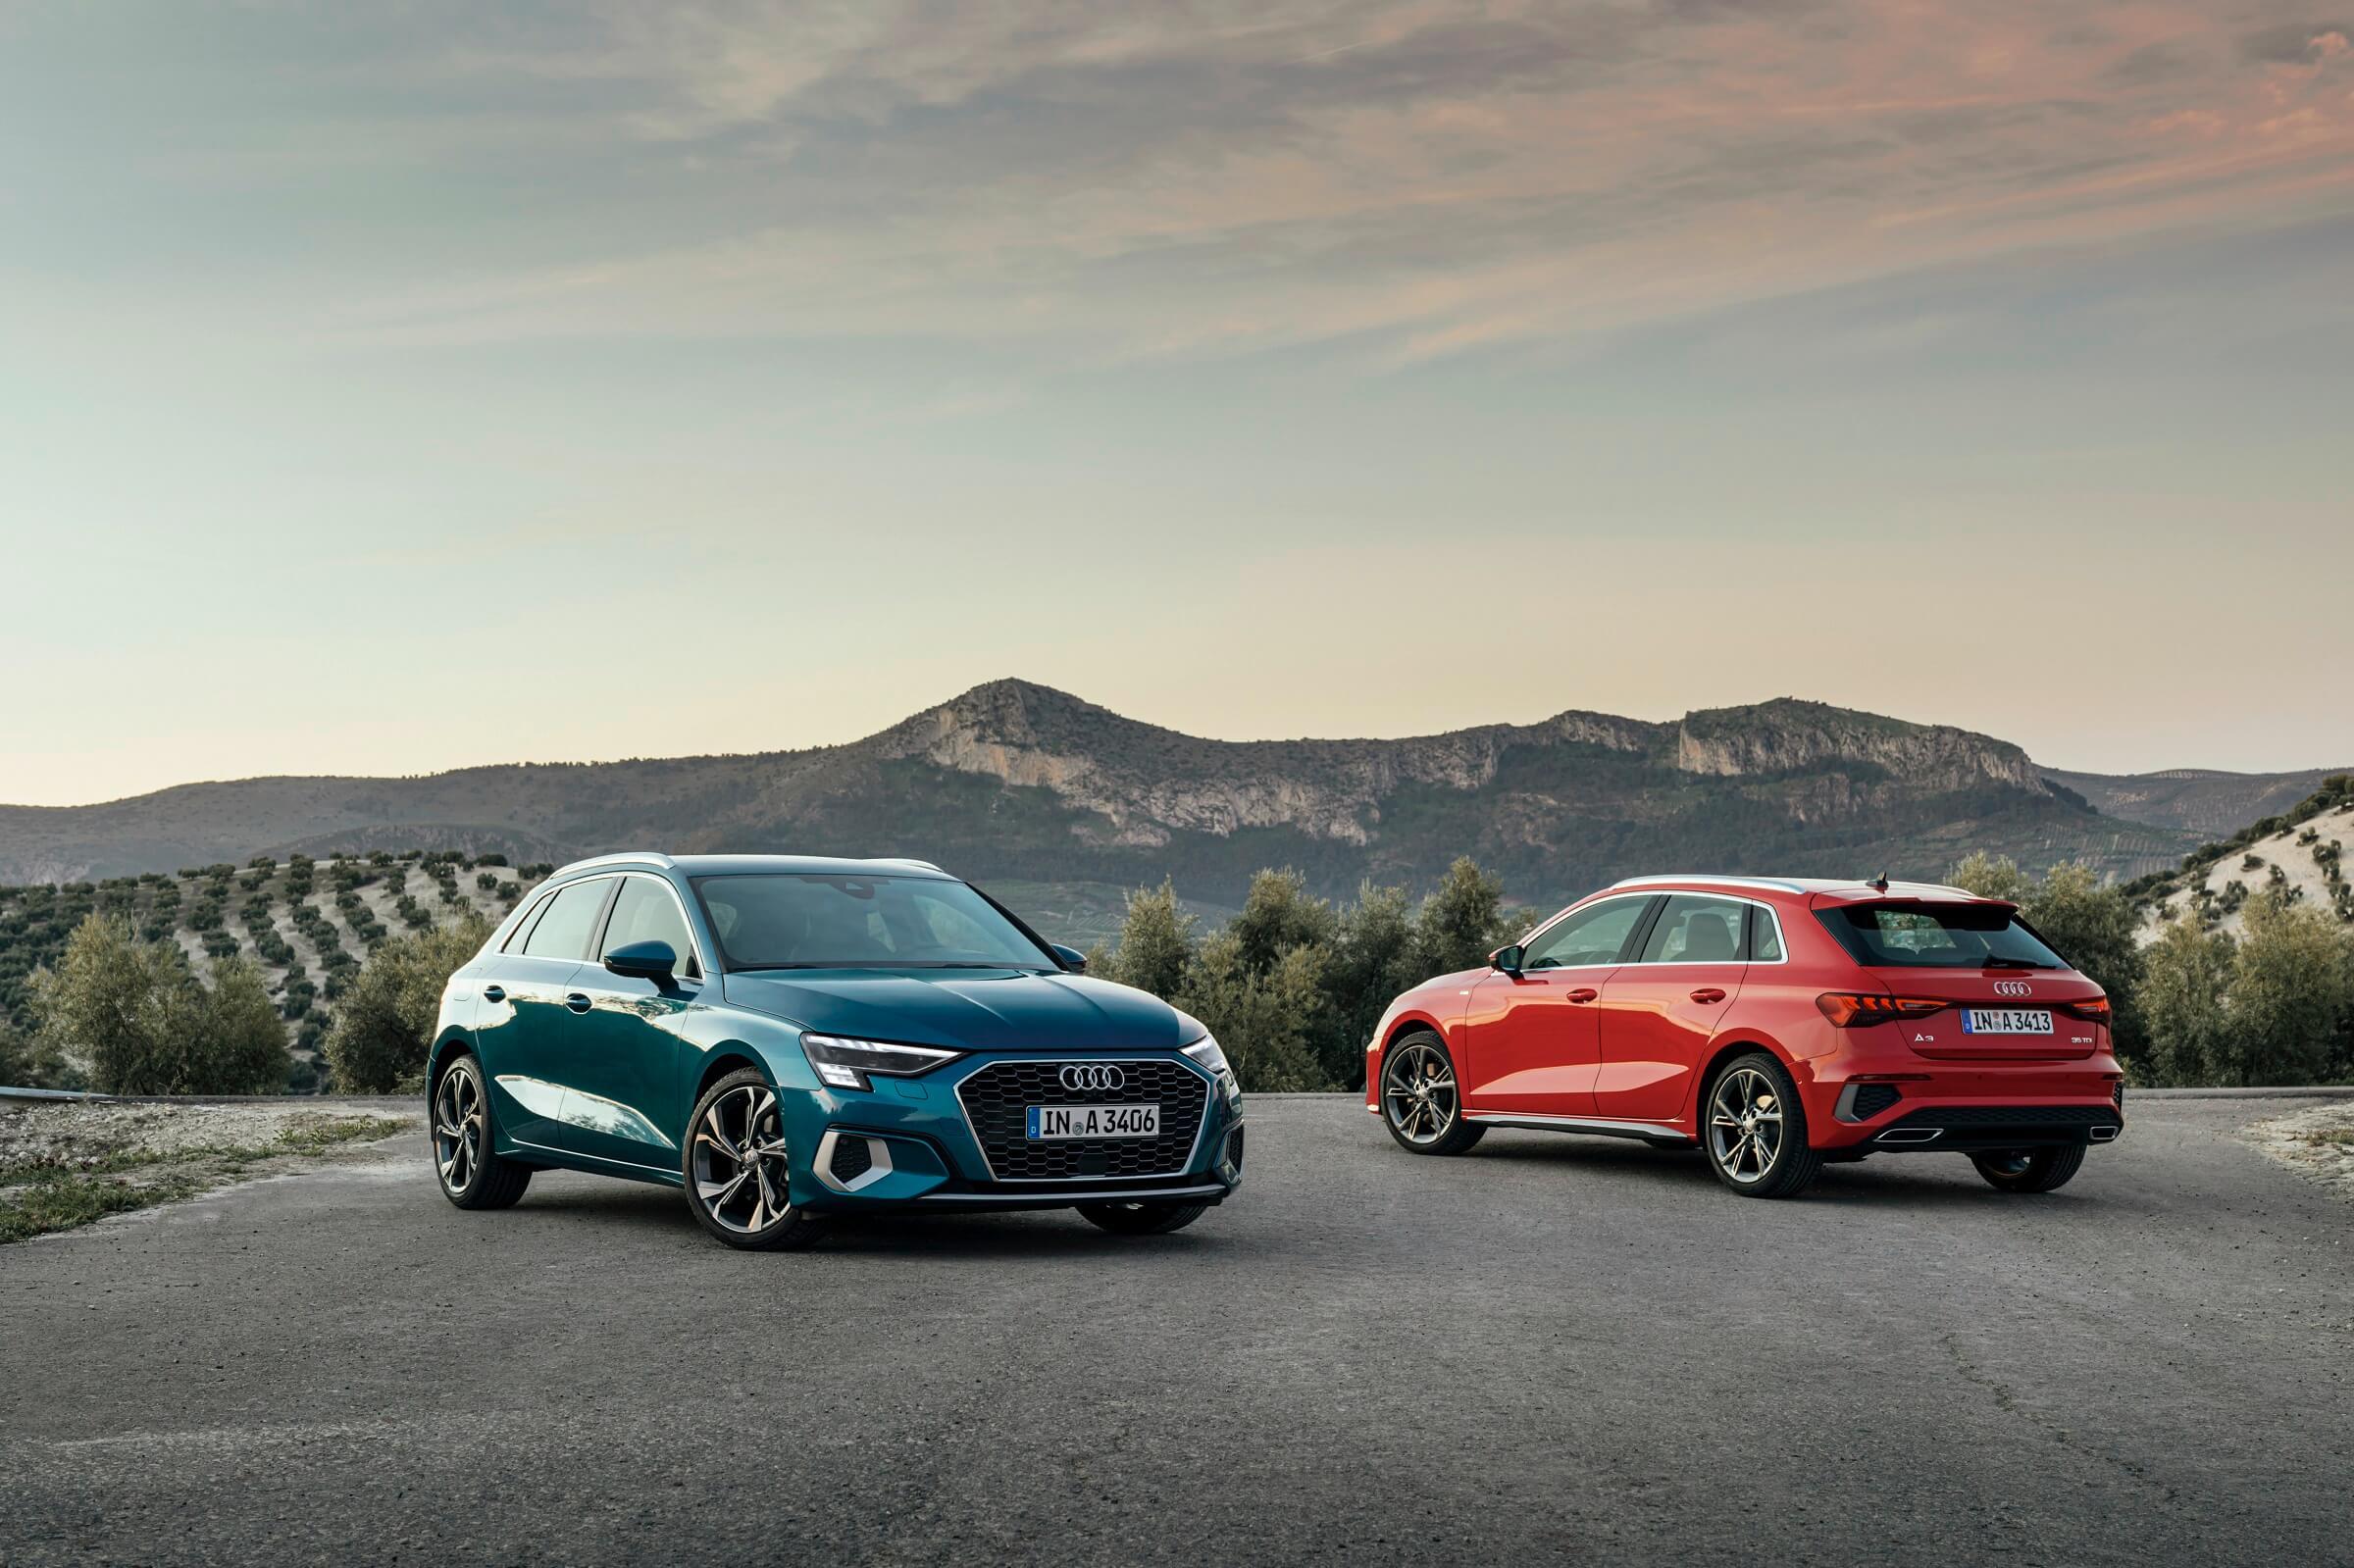 2 νέα Audi A3 σε μπλε και κόκκινο χρώμα